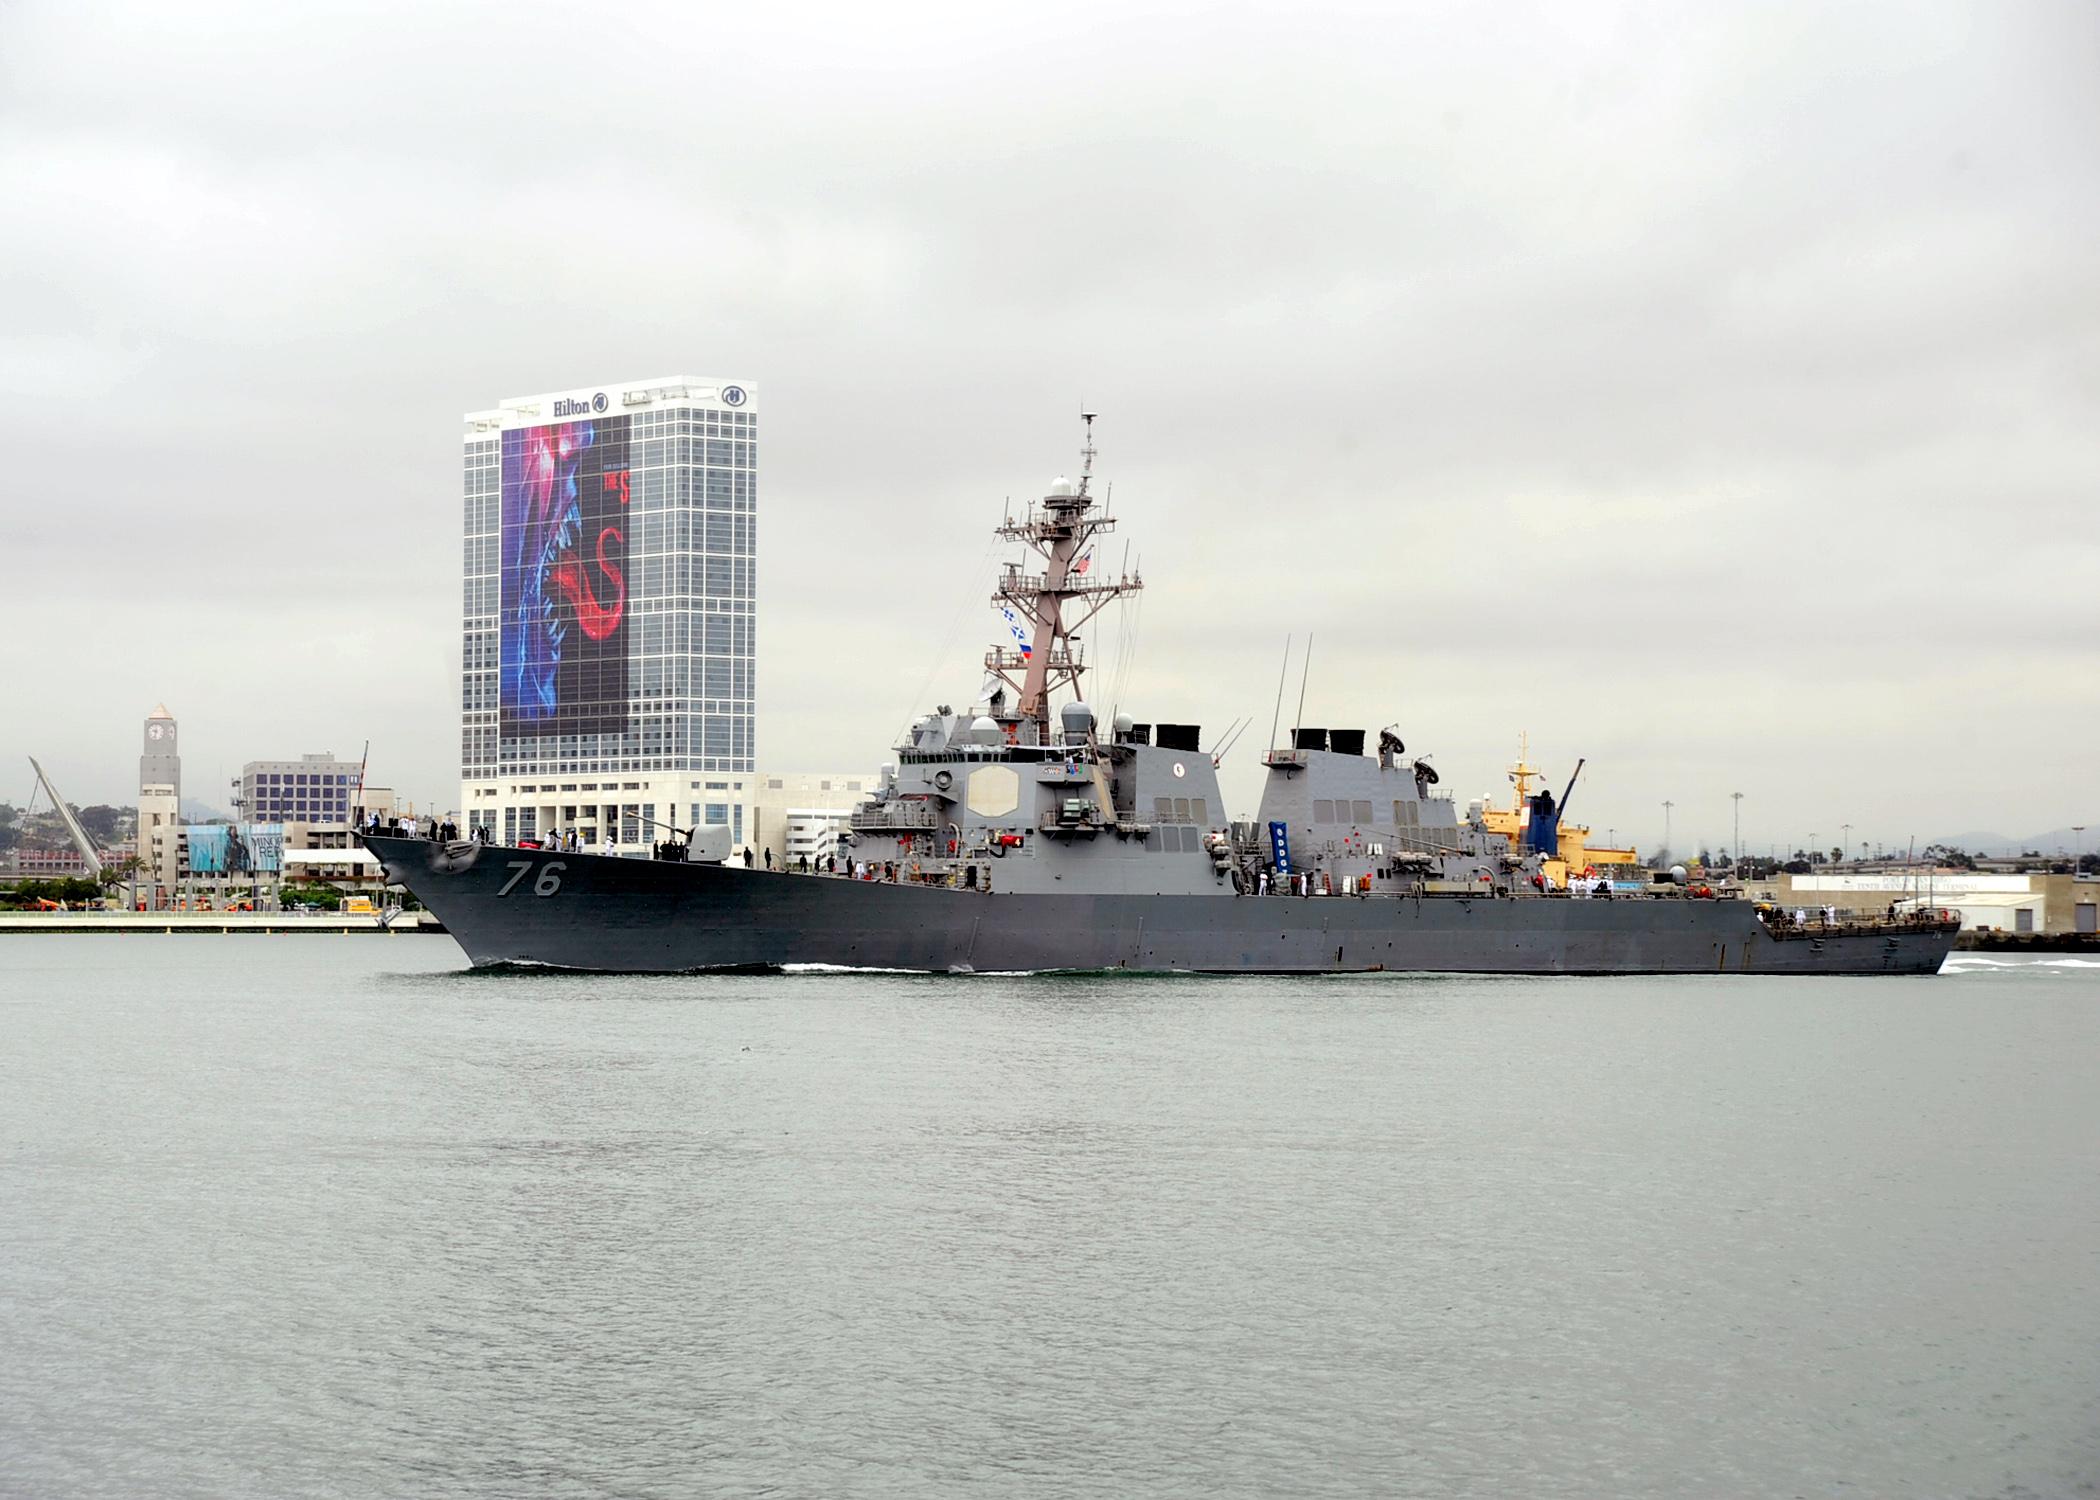 USS HIGGINS DDG-76 Auslaufen San Diego am 06.07.2015 Bild: U.S. Navy